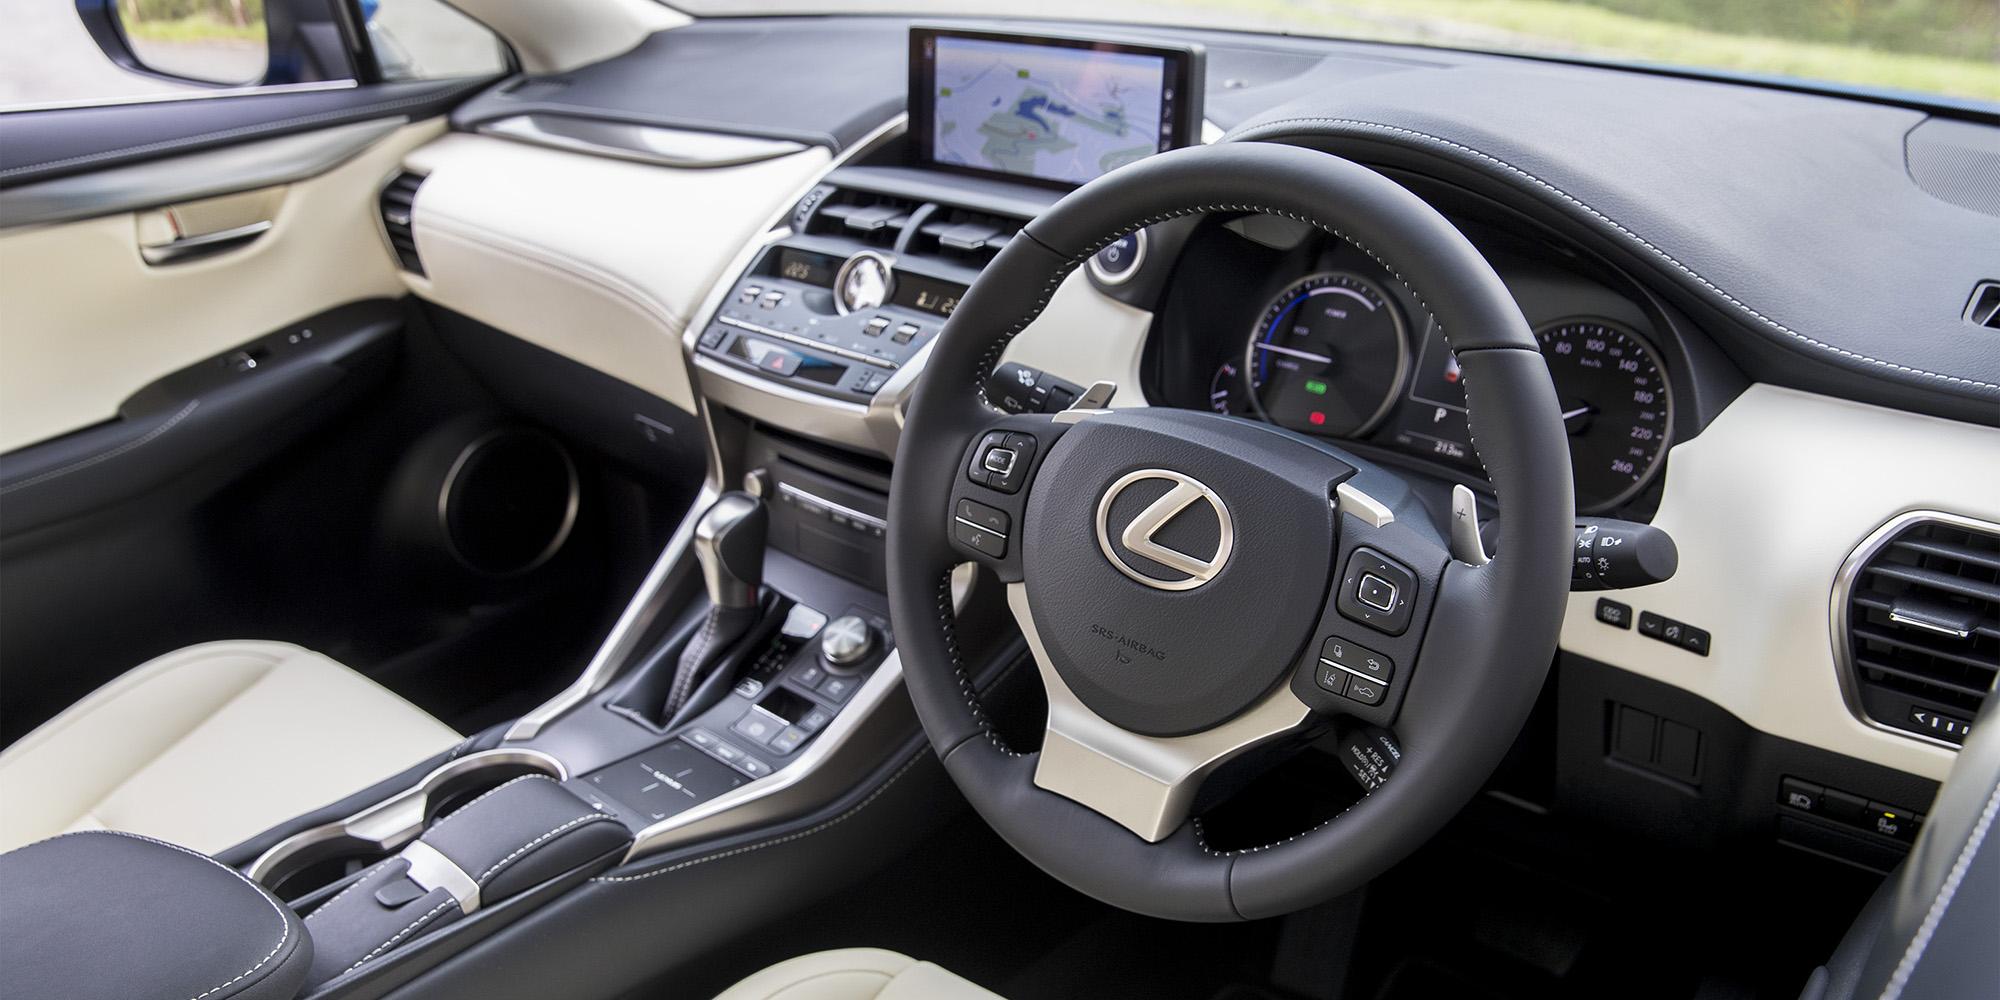 Lexus Nx 2018 Specs >> 2018 Lexus NX pricing and specs - Photos (1 of 38)